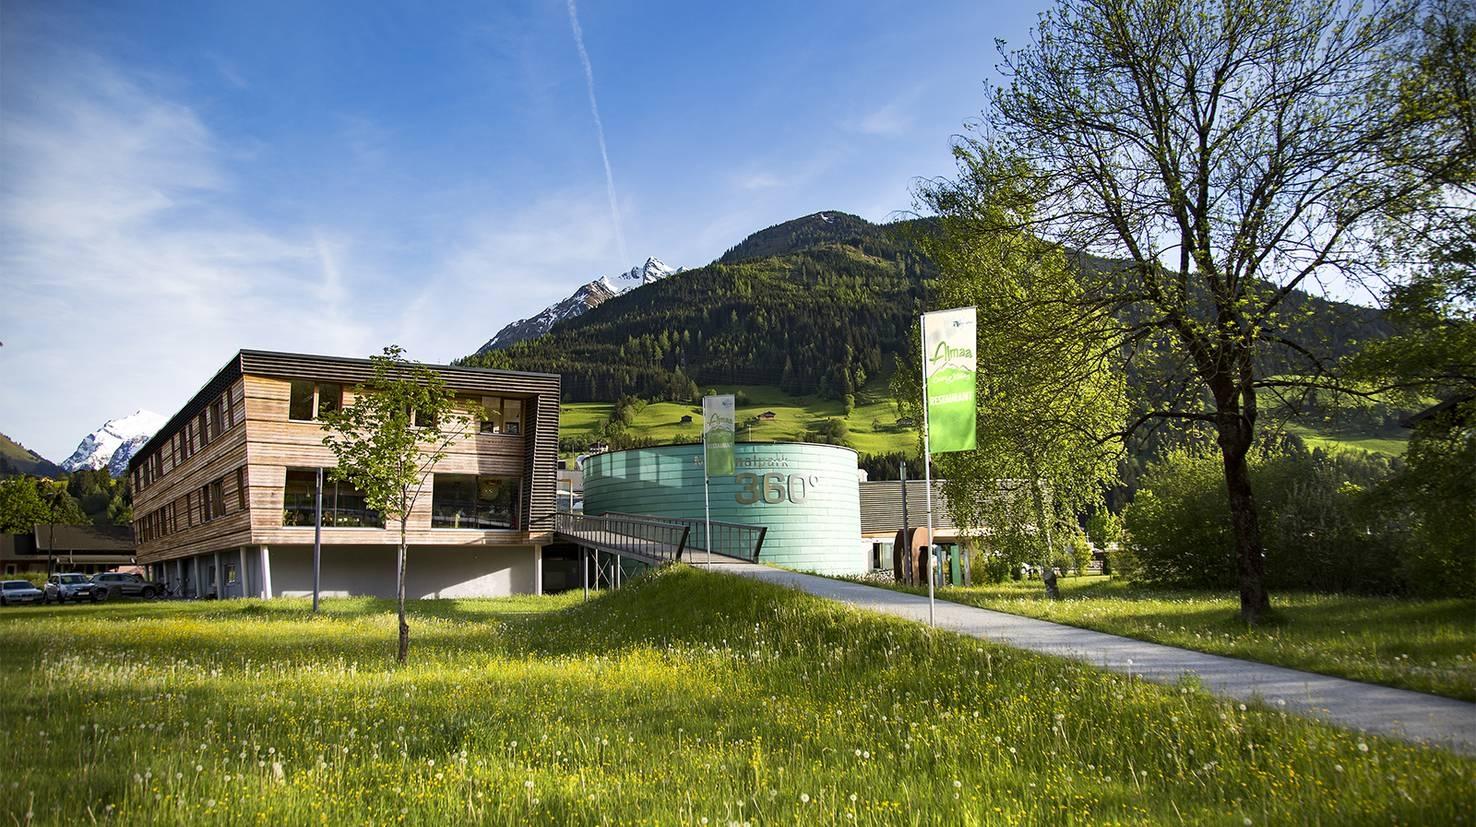 النمسا زيلامسي اهم الاماكن السياحية حديقة هوه تاون الوطنية